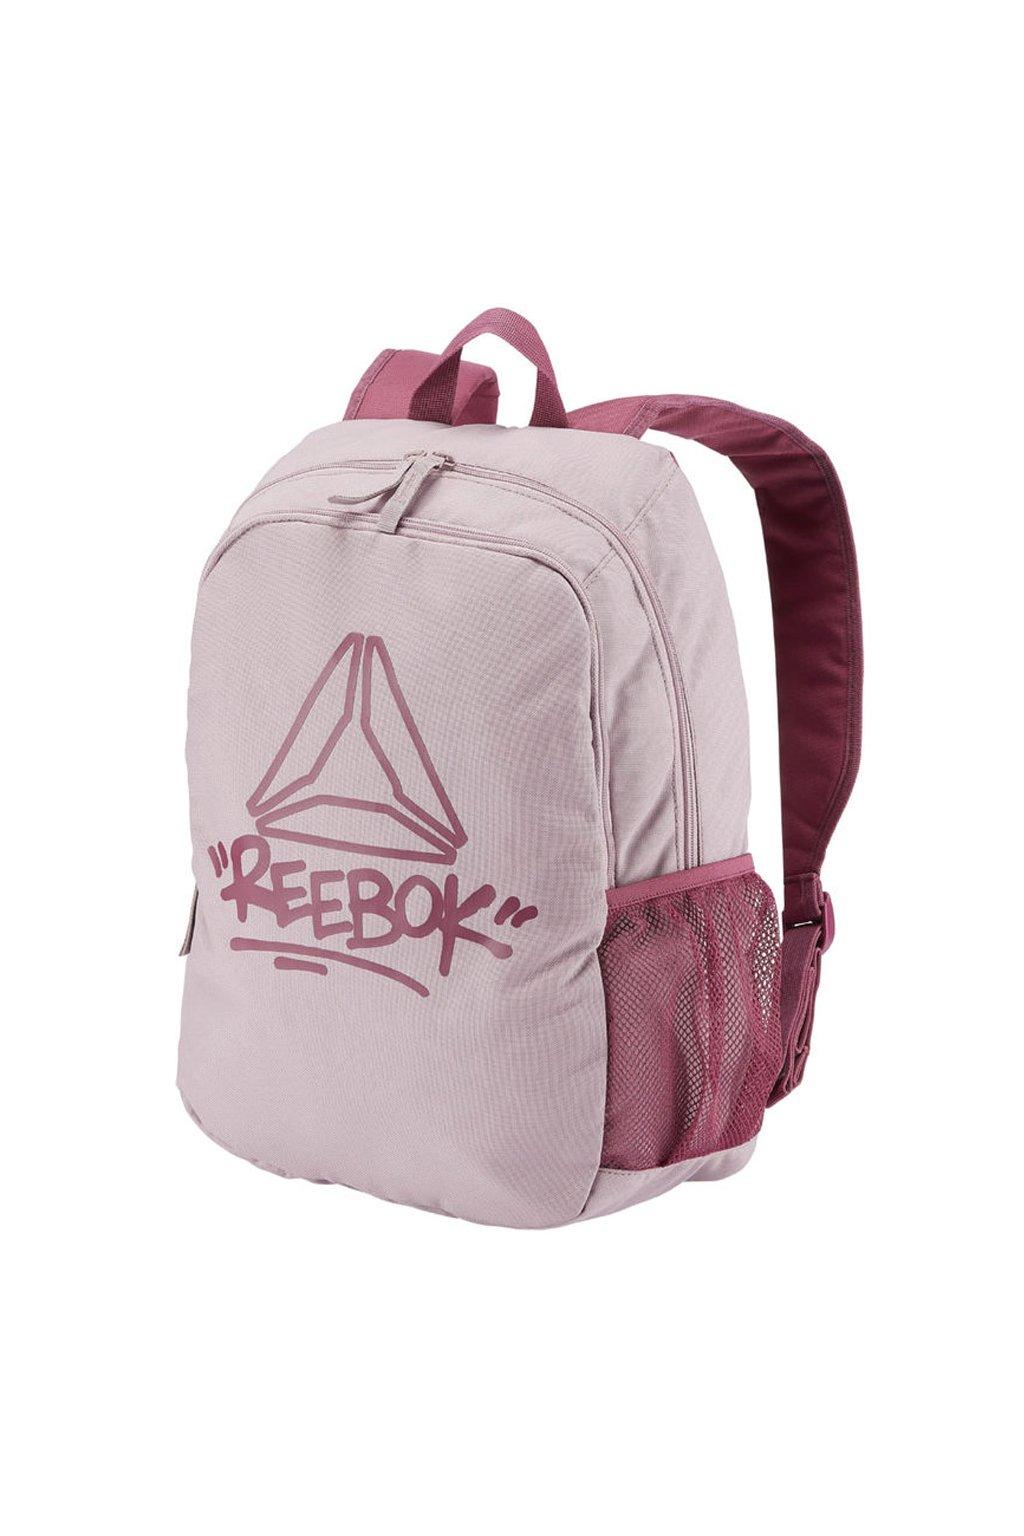 Dievčenský batoh Reebok Kids Foundation ružový DA1670